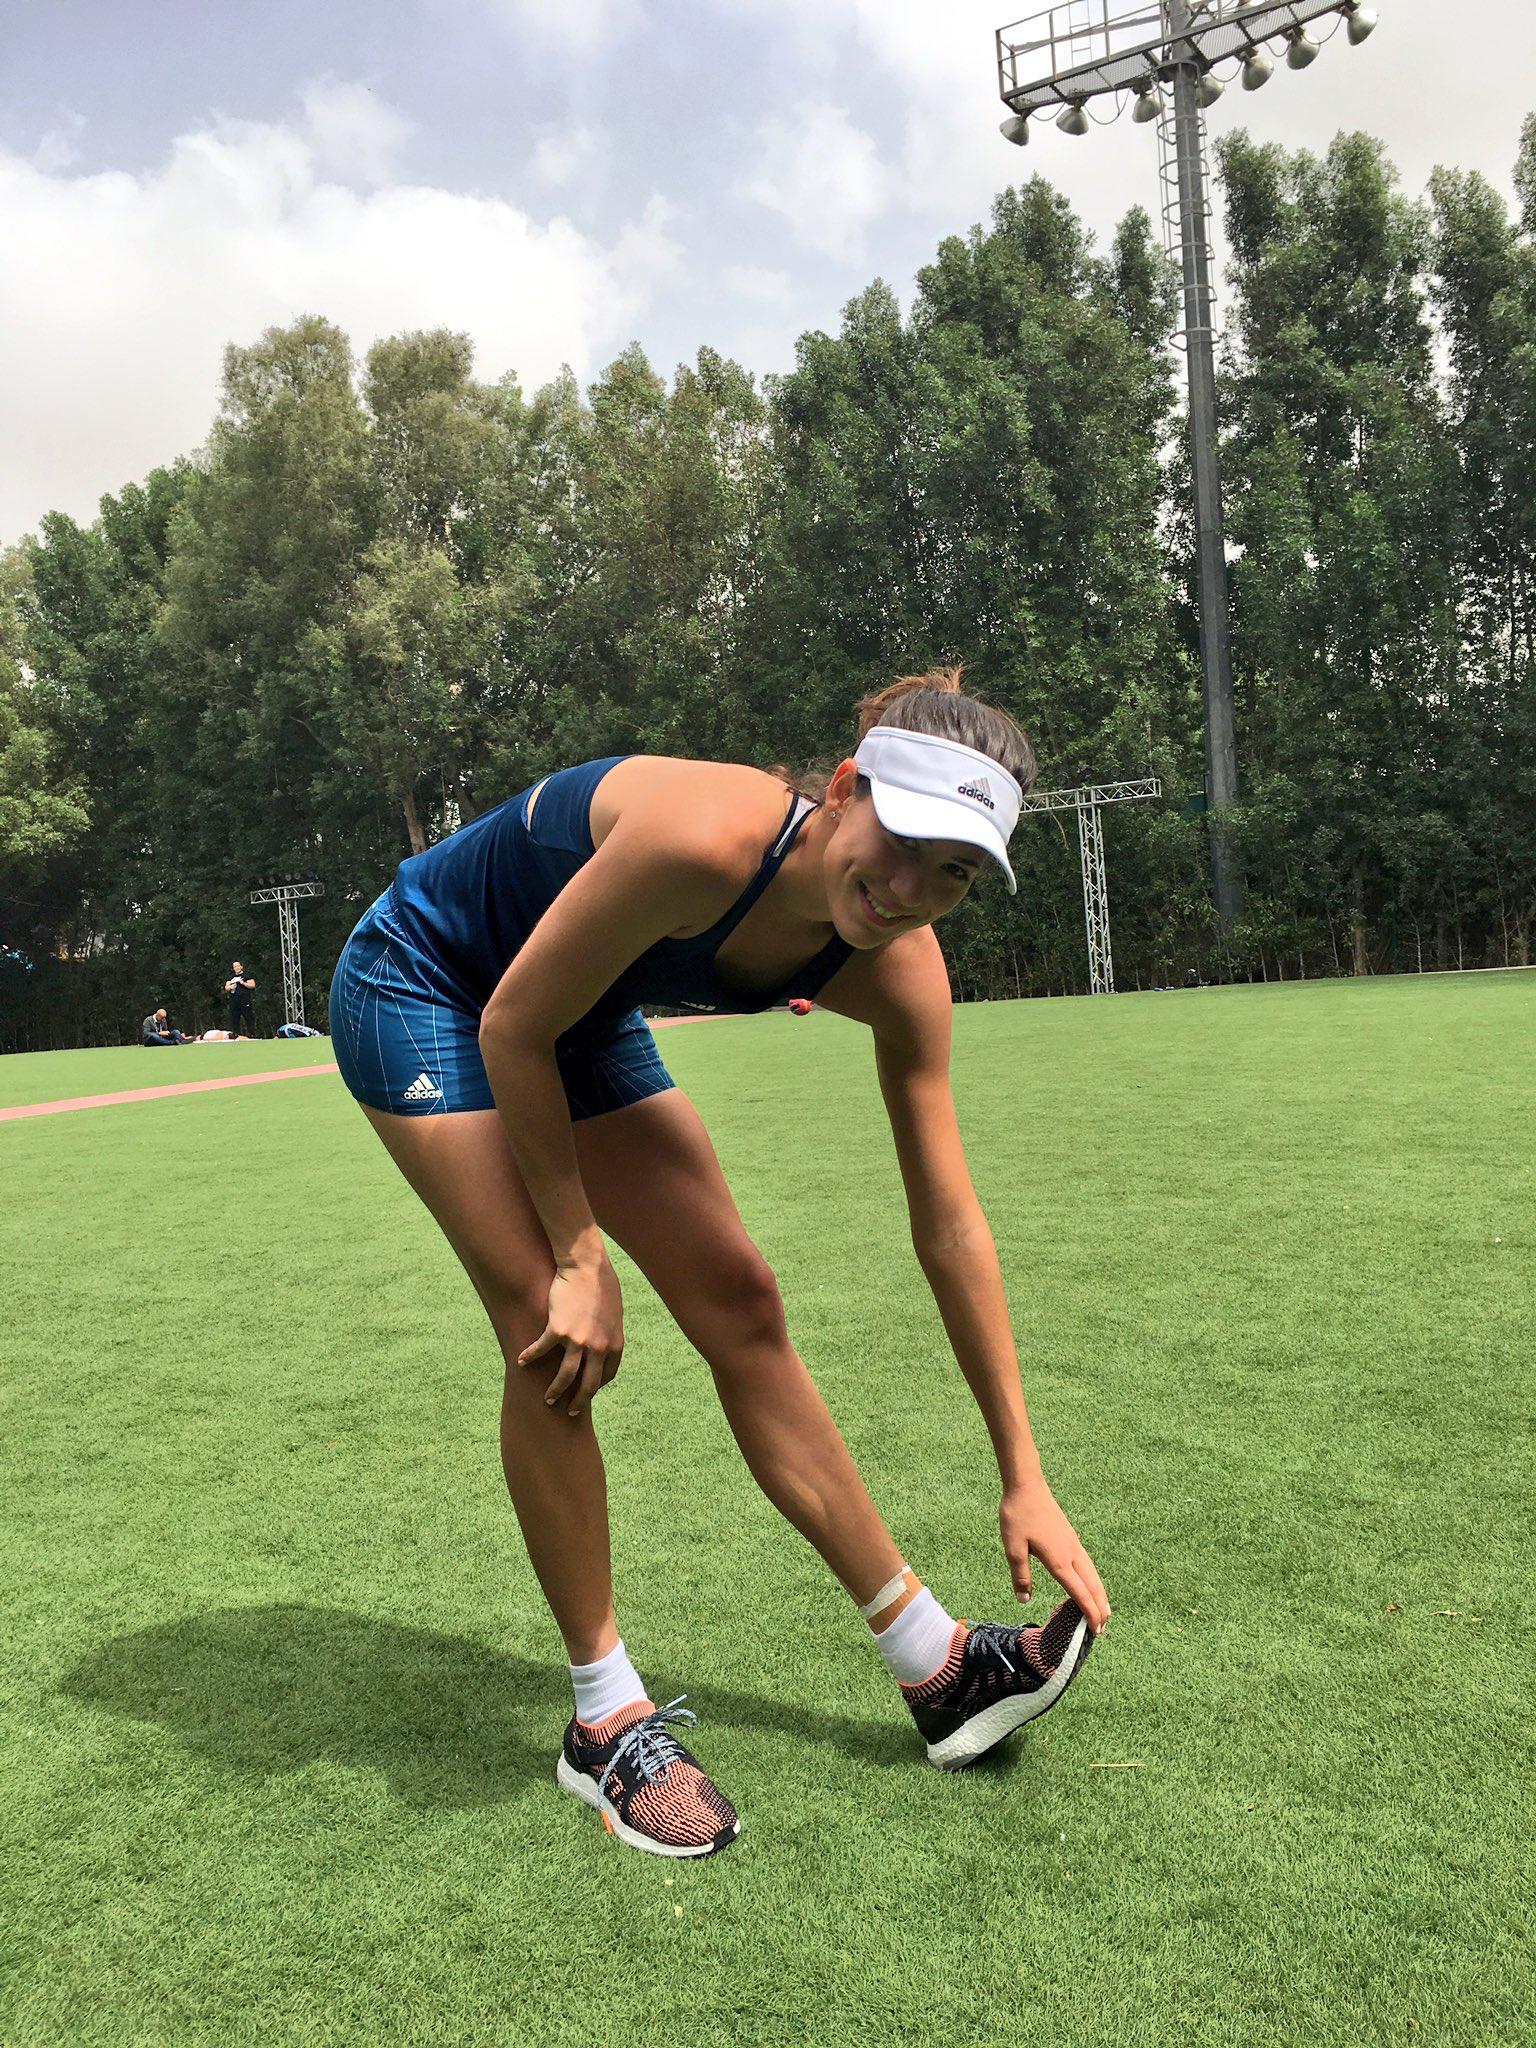 Después de mi entrenamiento, un poco de estiramiento! #olee Some stretching after my practice! #dubai ����♀️�� https://t.co/b1i1687Igh